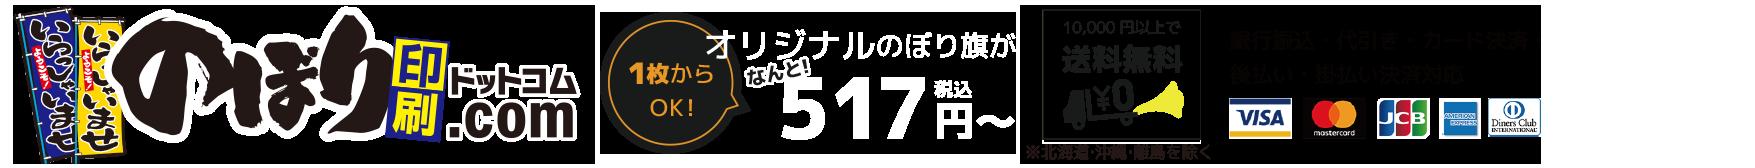 のぼり印刷.com